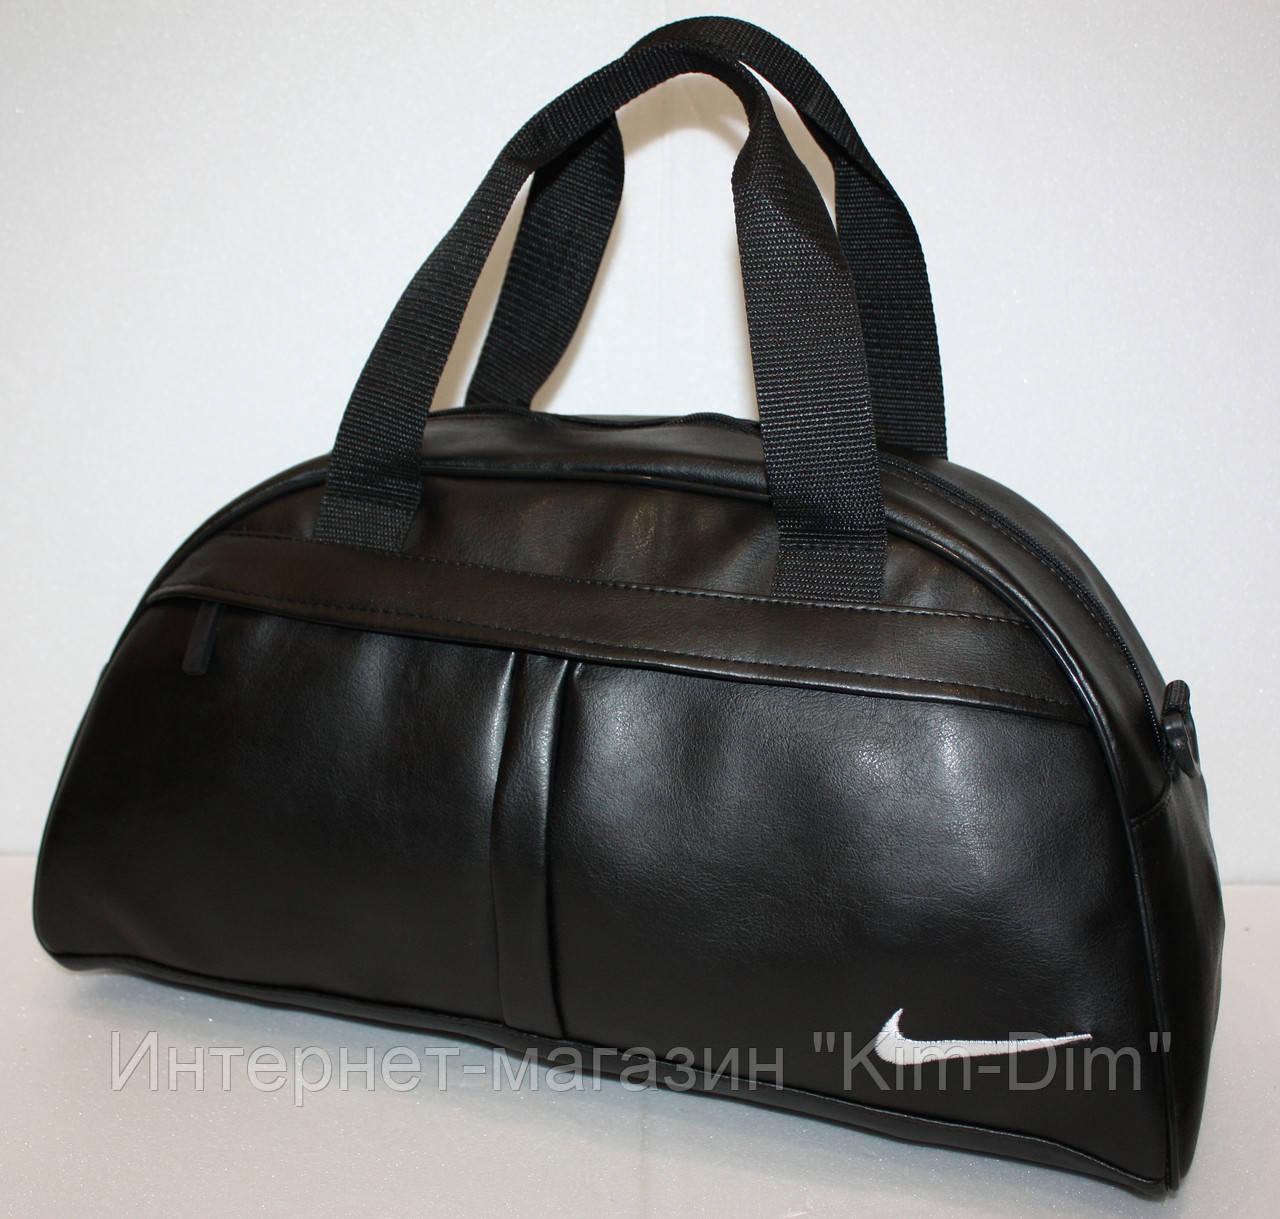 6b701f6a2cf3c Спортивная повседневная сумка в стиле Nike черная экокожа: продажа ...